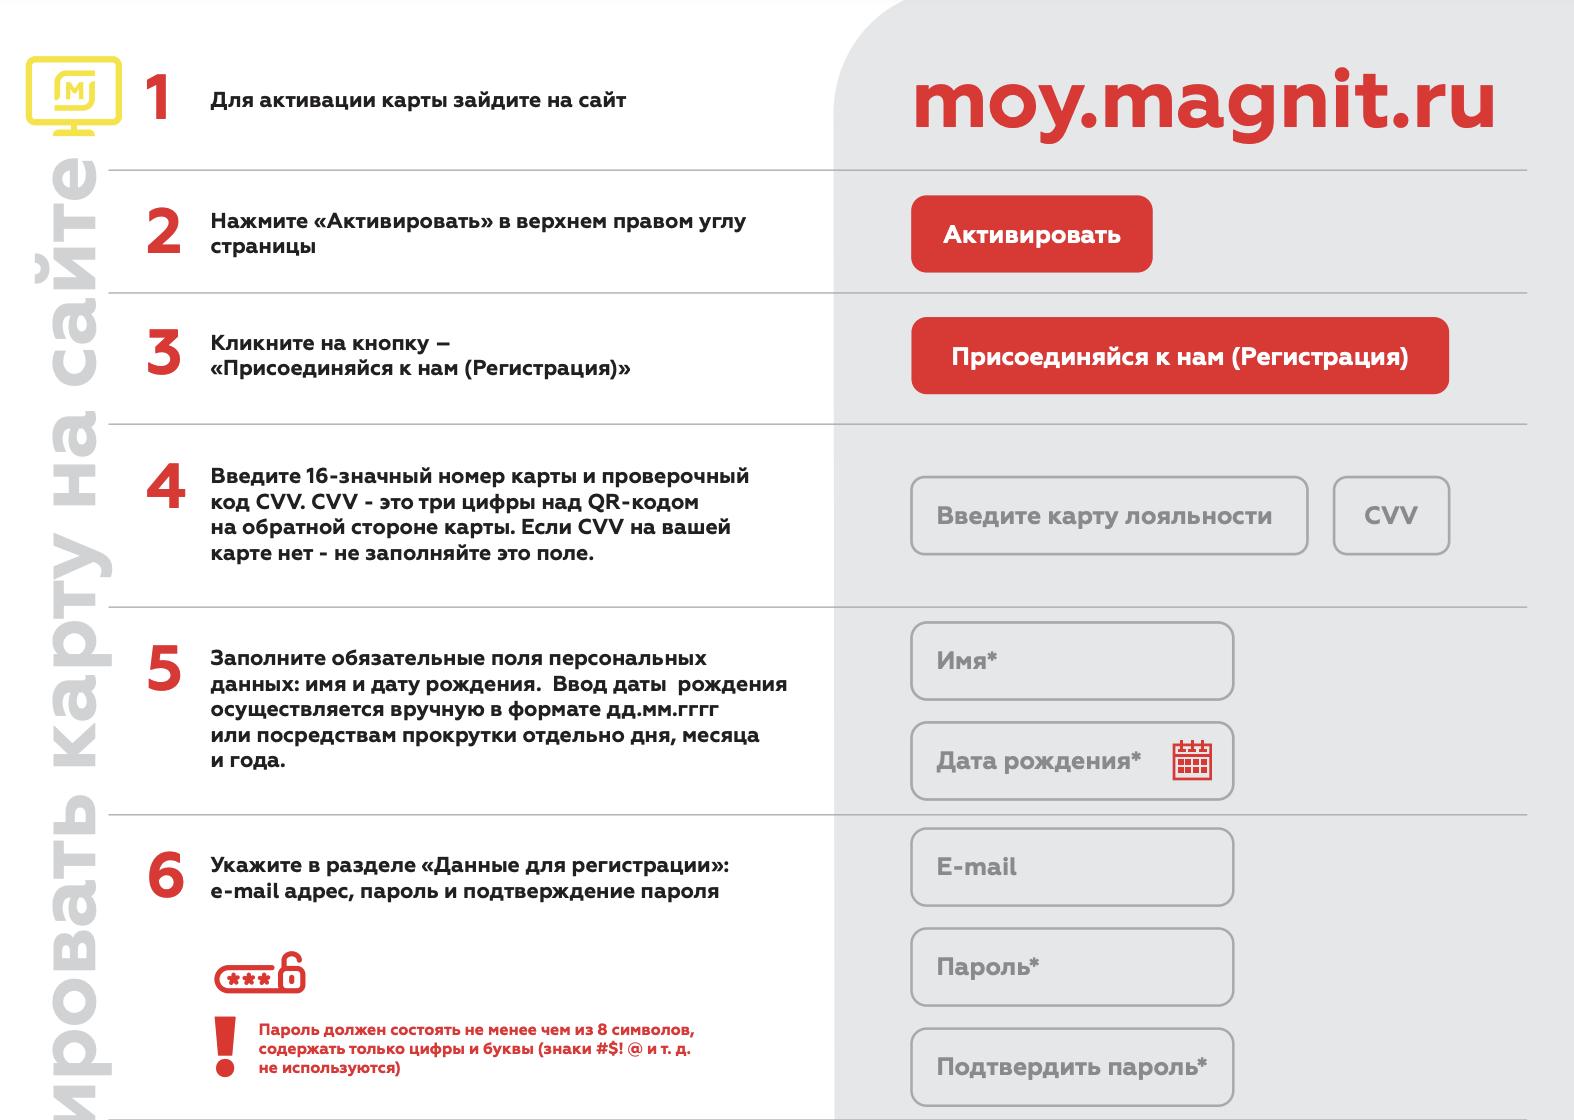 Как активировать бонусную карту Магнит